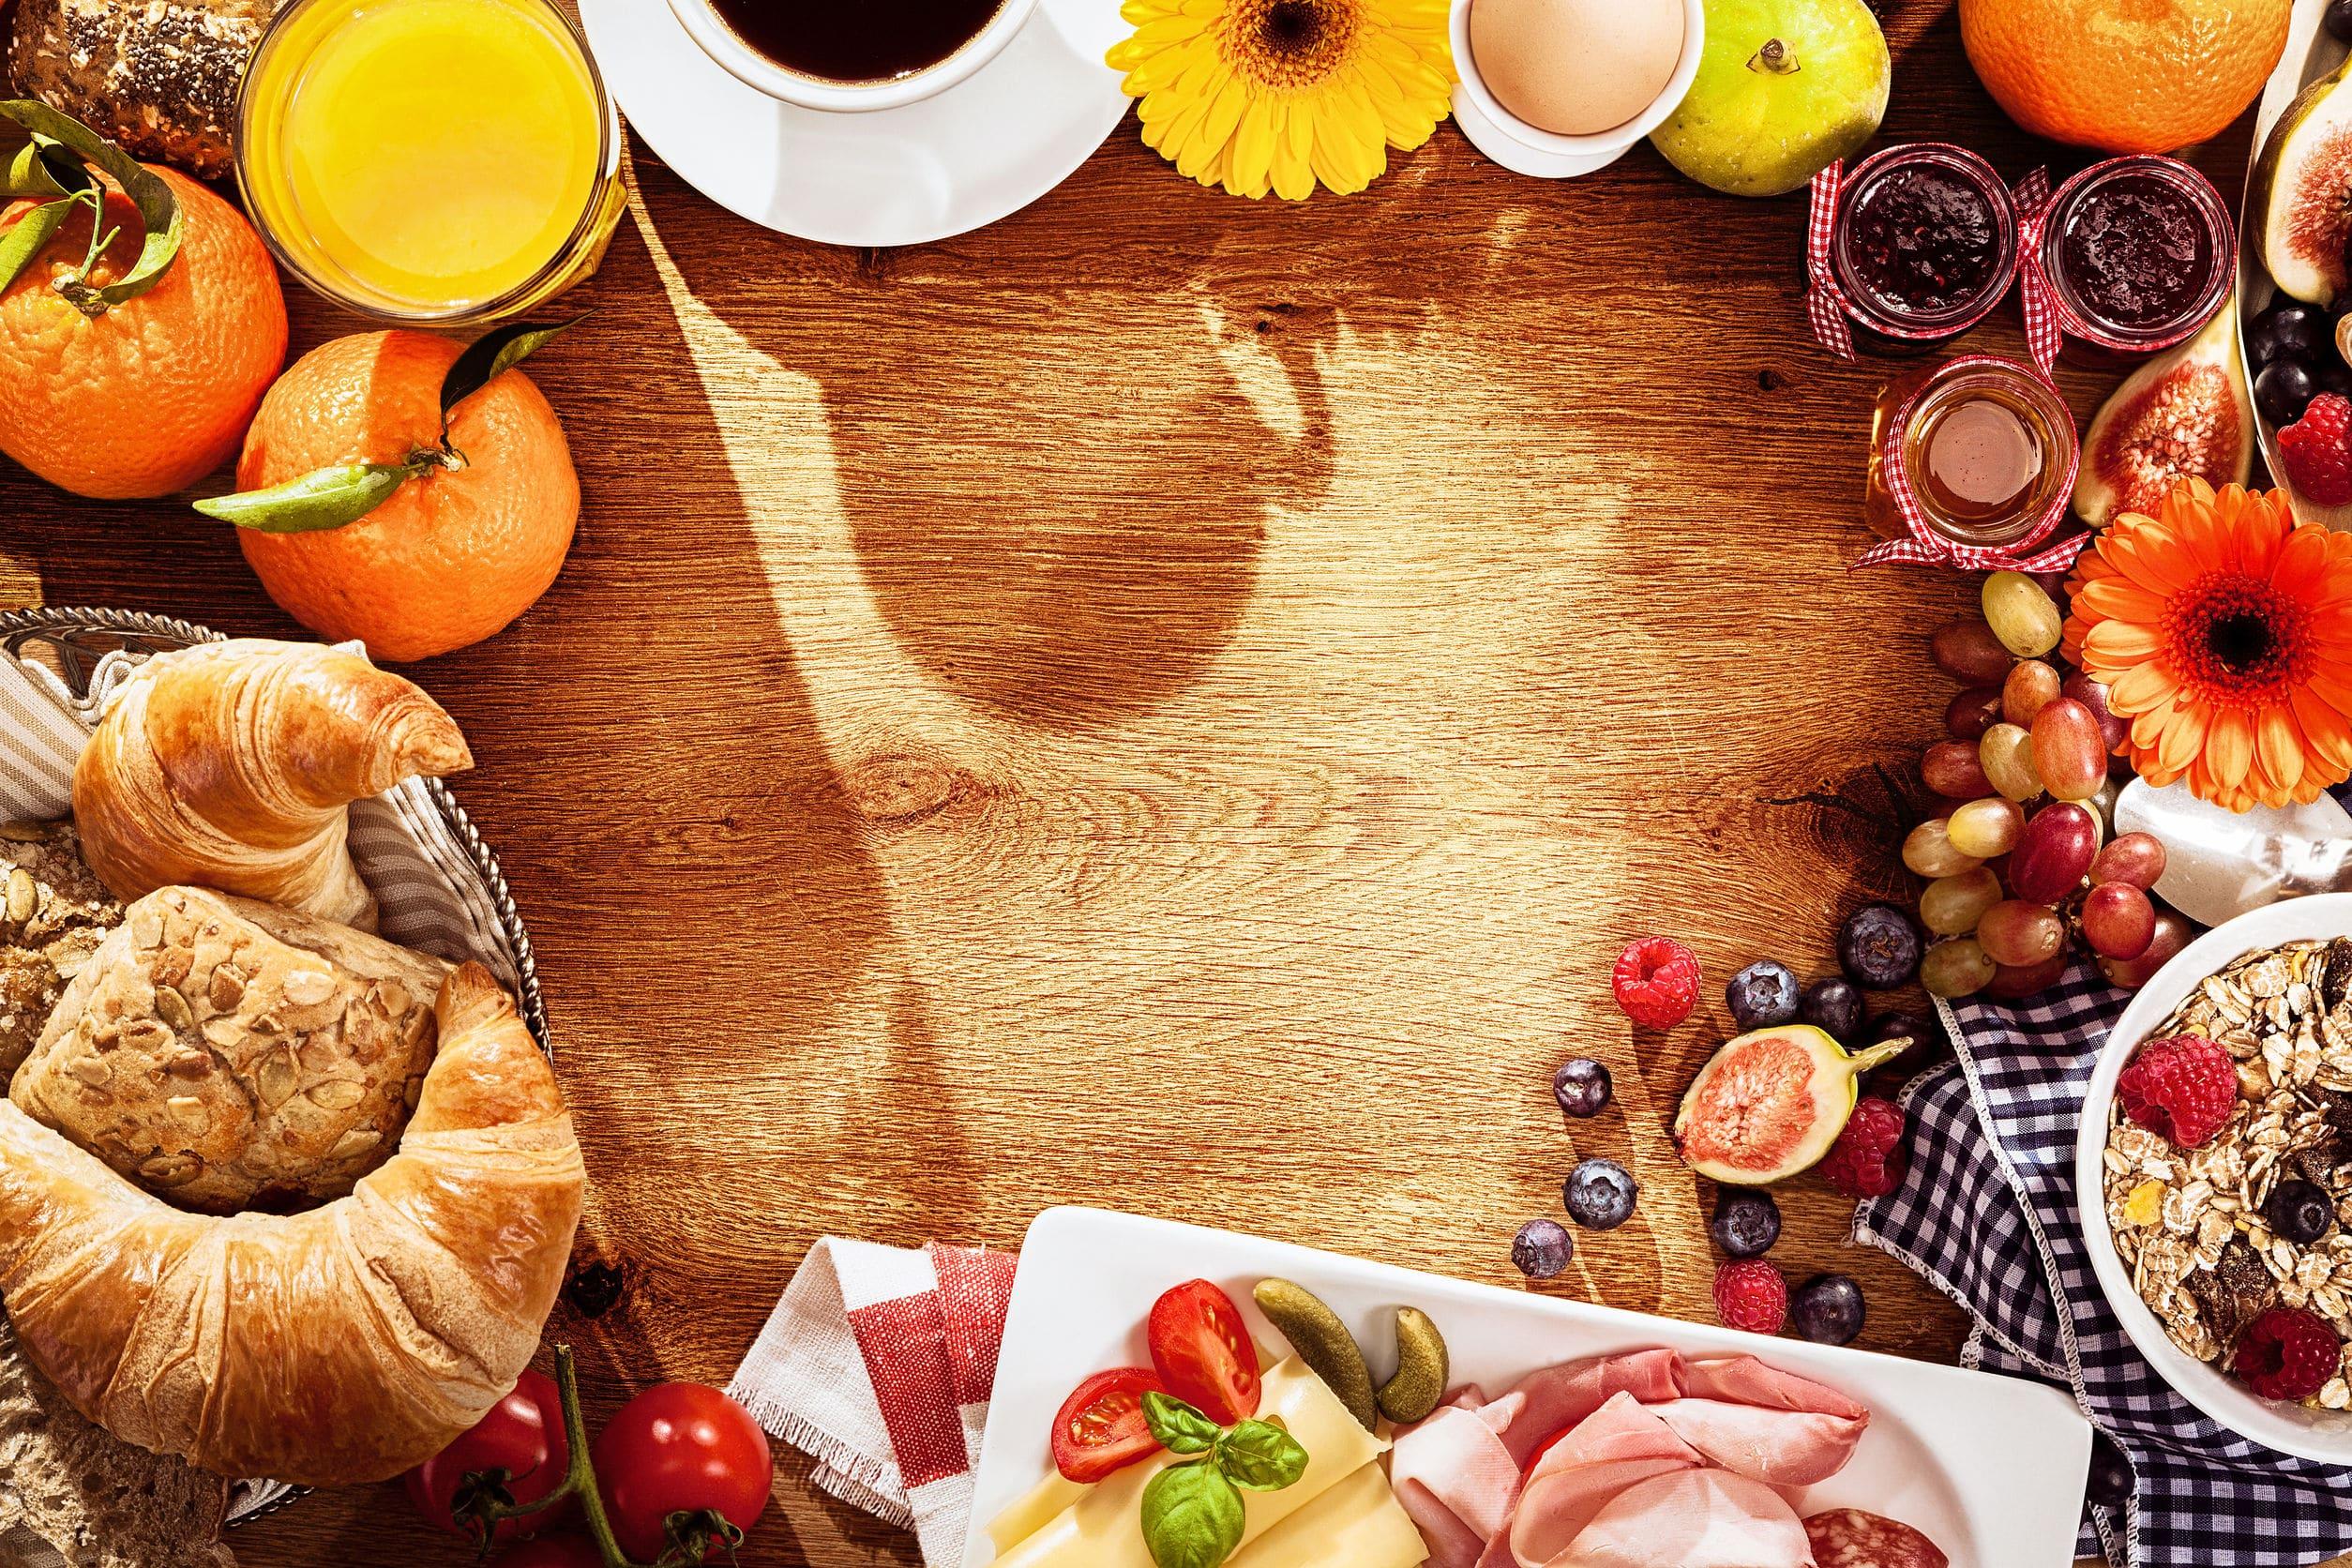 確実に痩せるダイエット方法食事